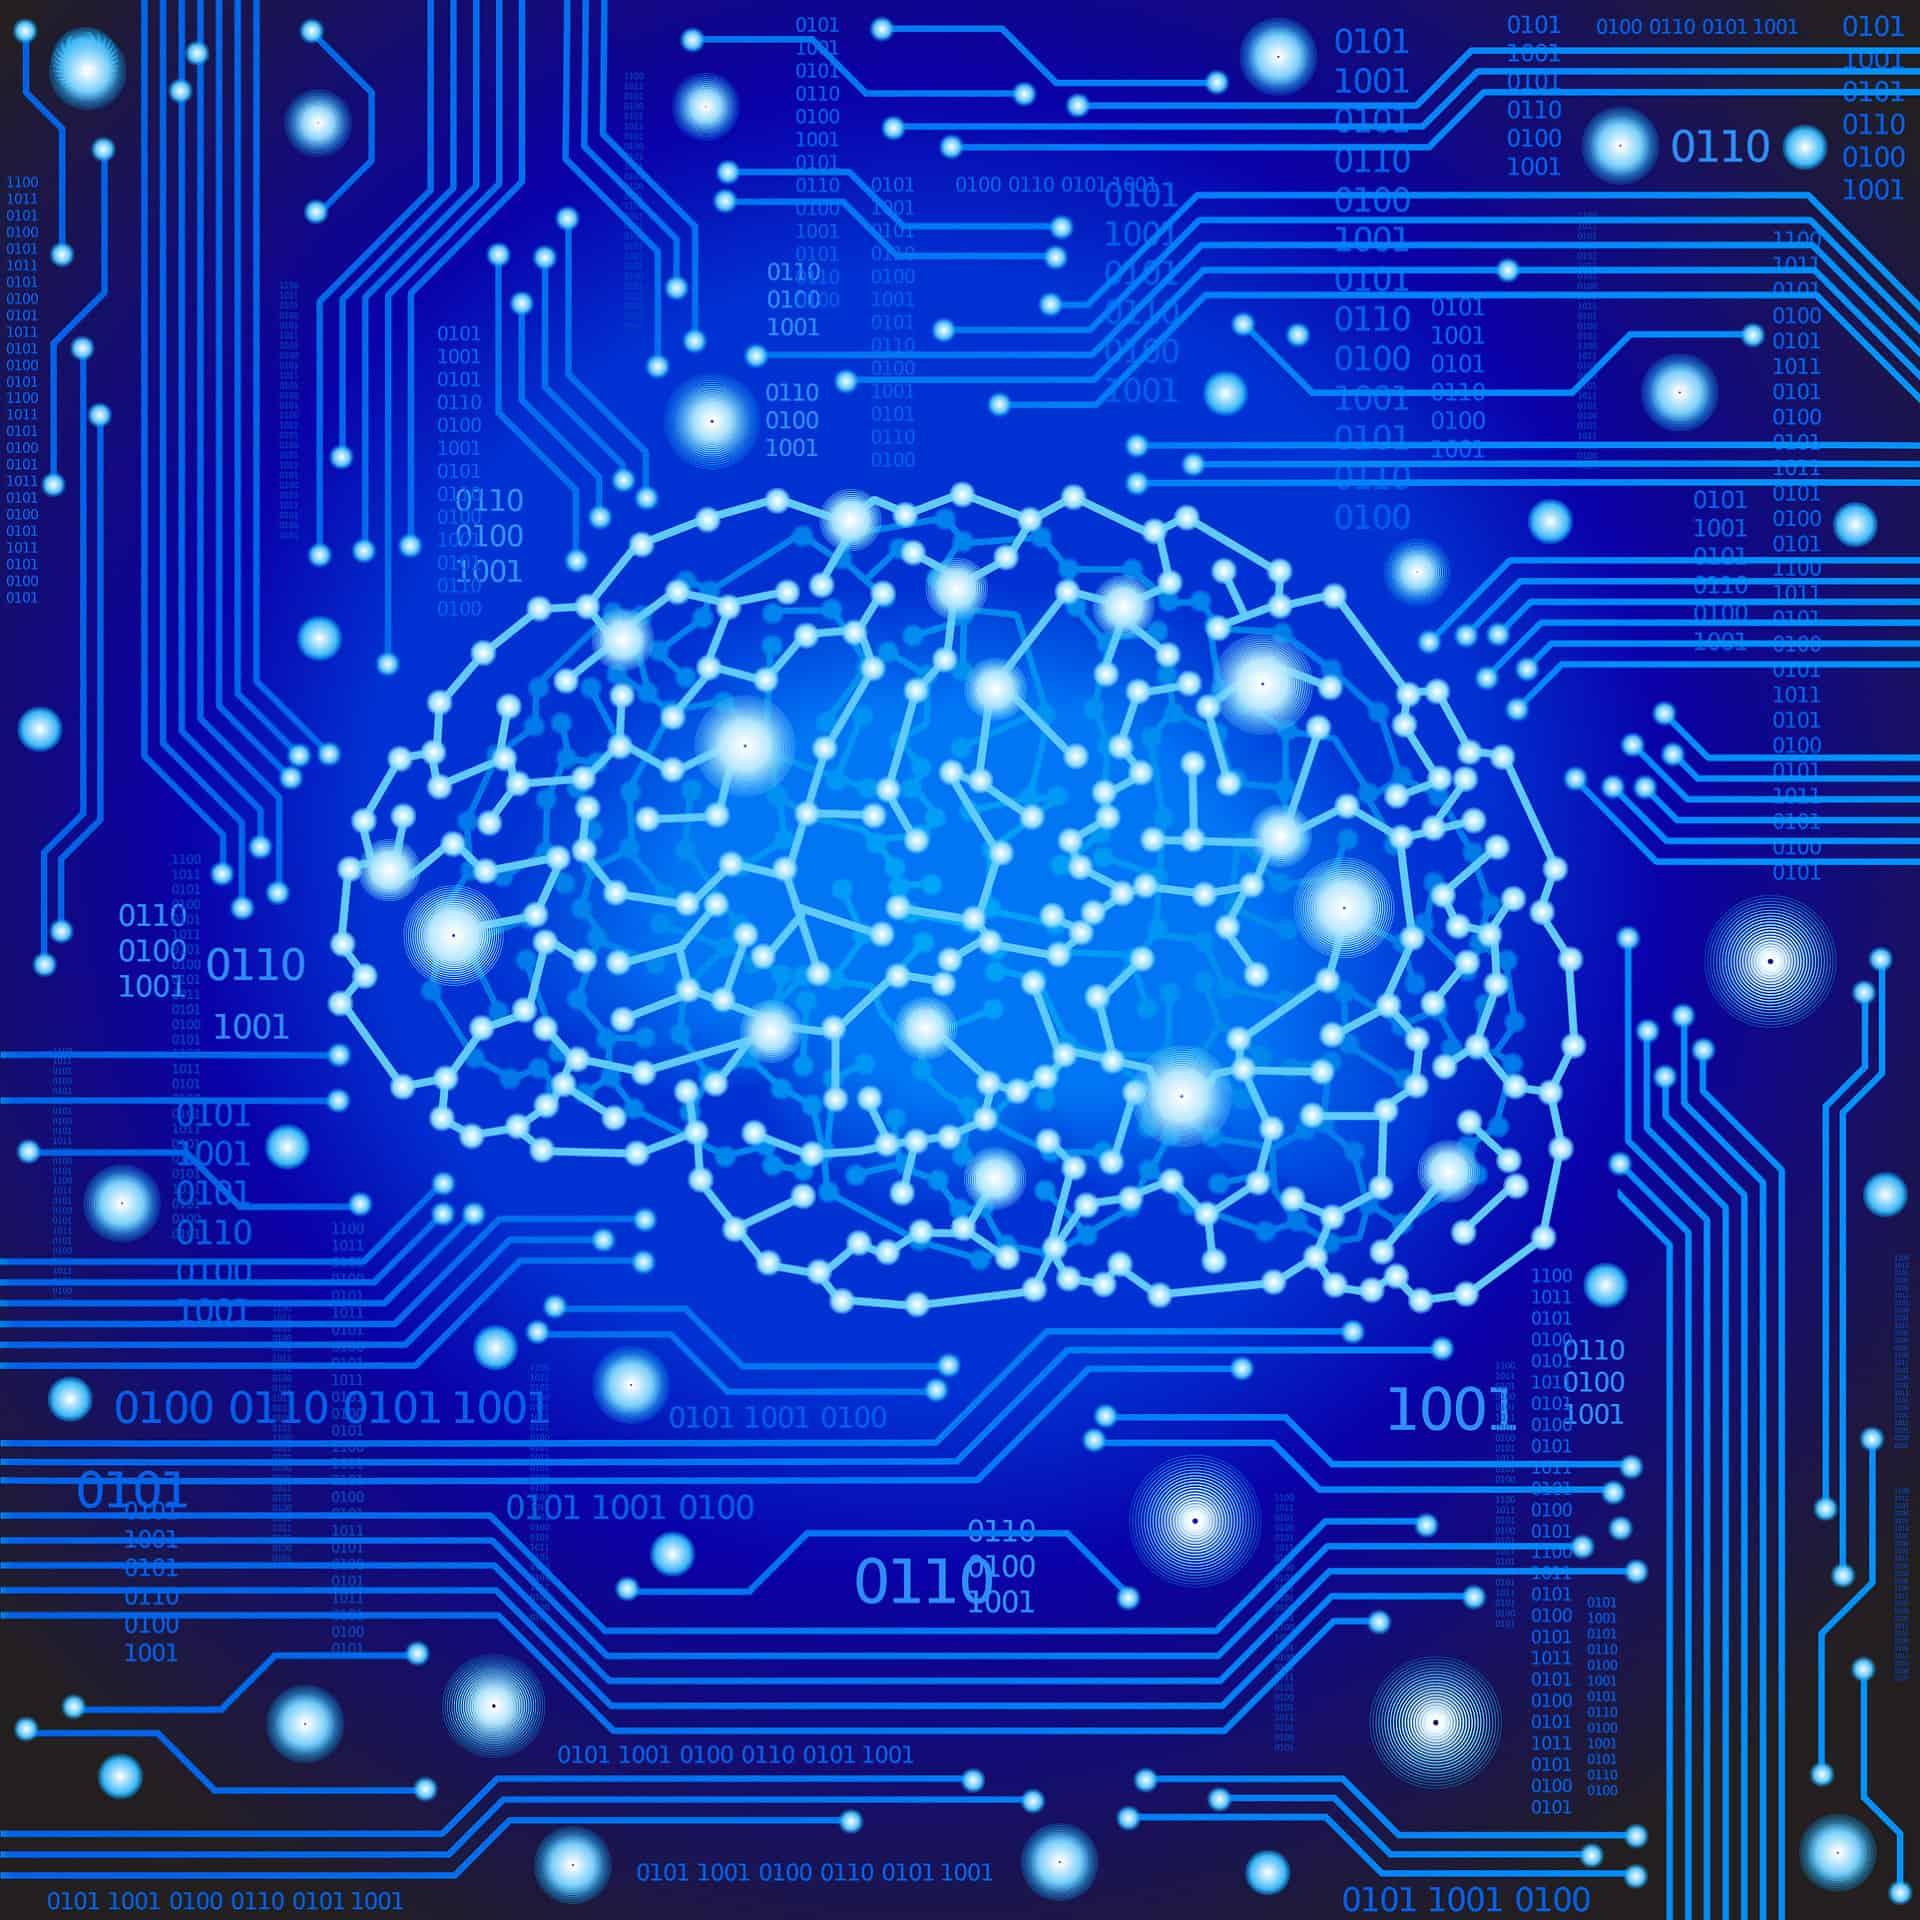 Modell von Infrastrukturen semantisch vernetzter Datendienste